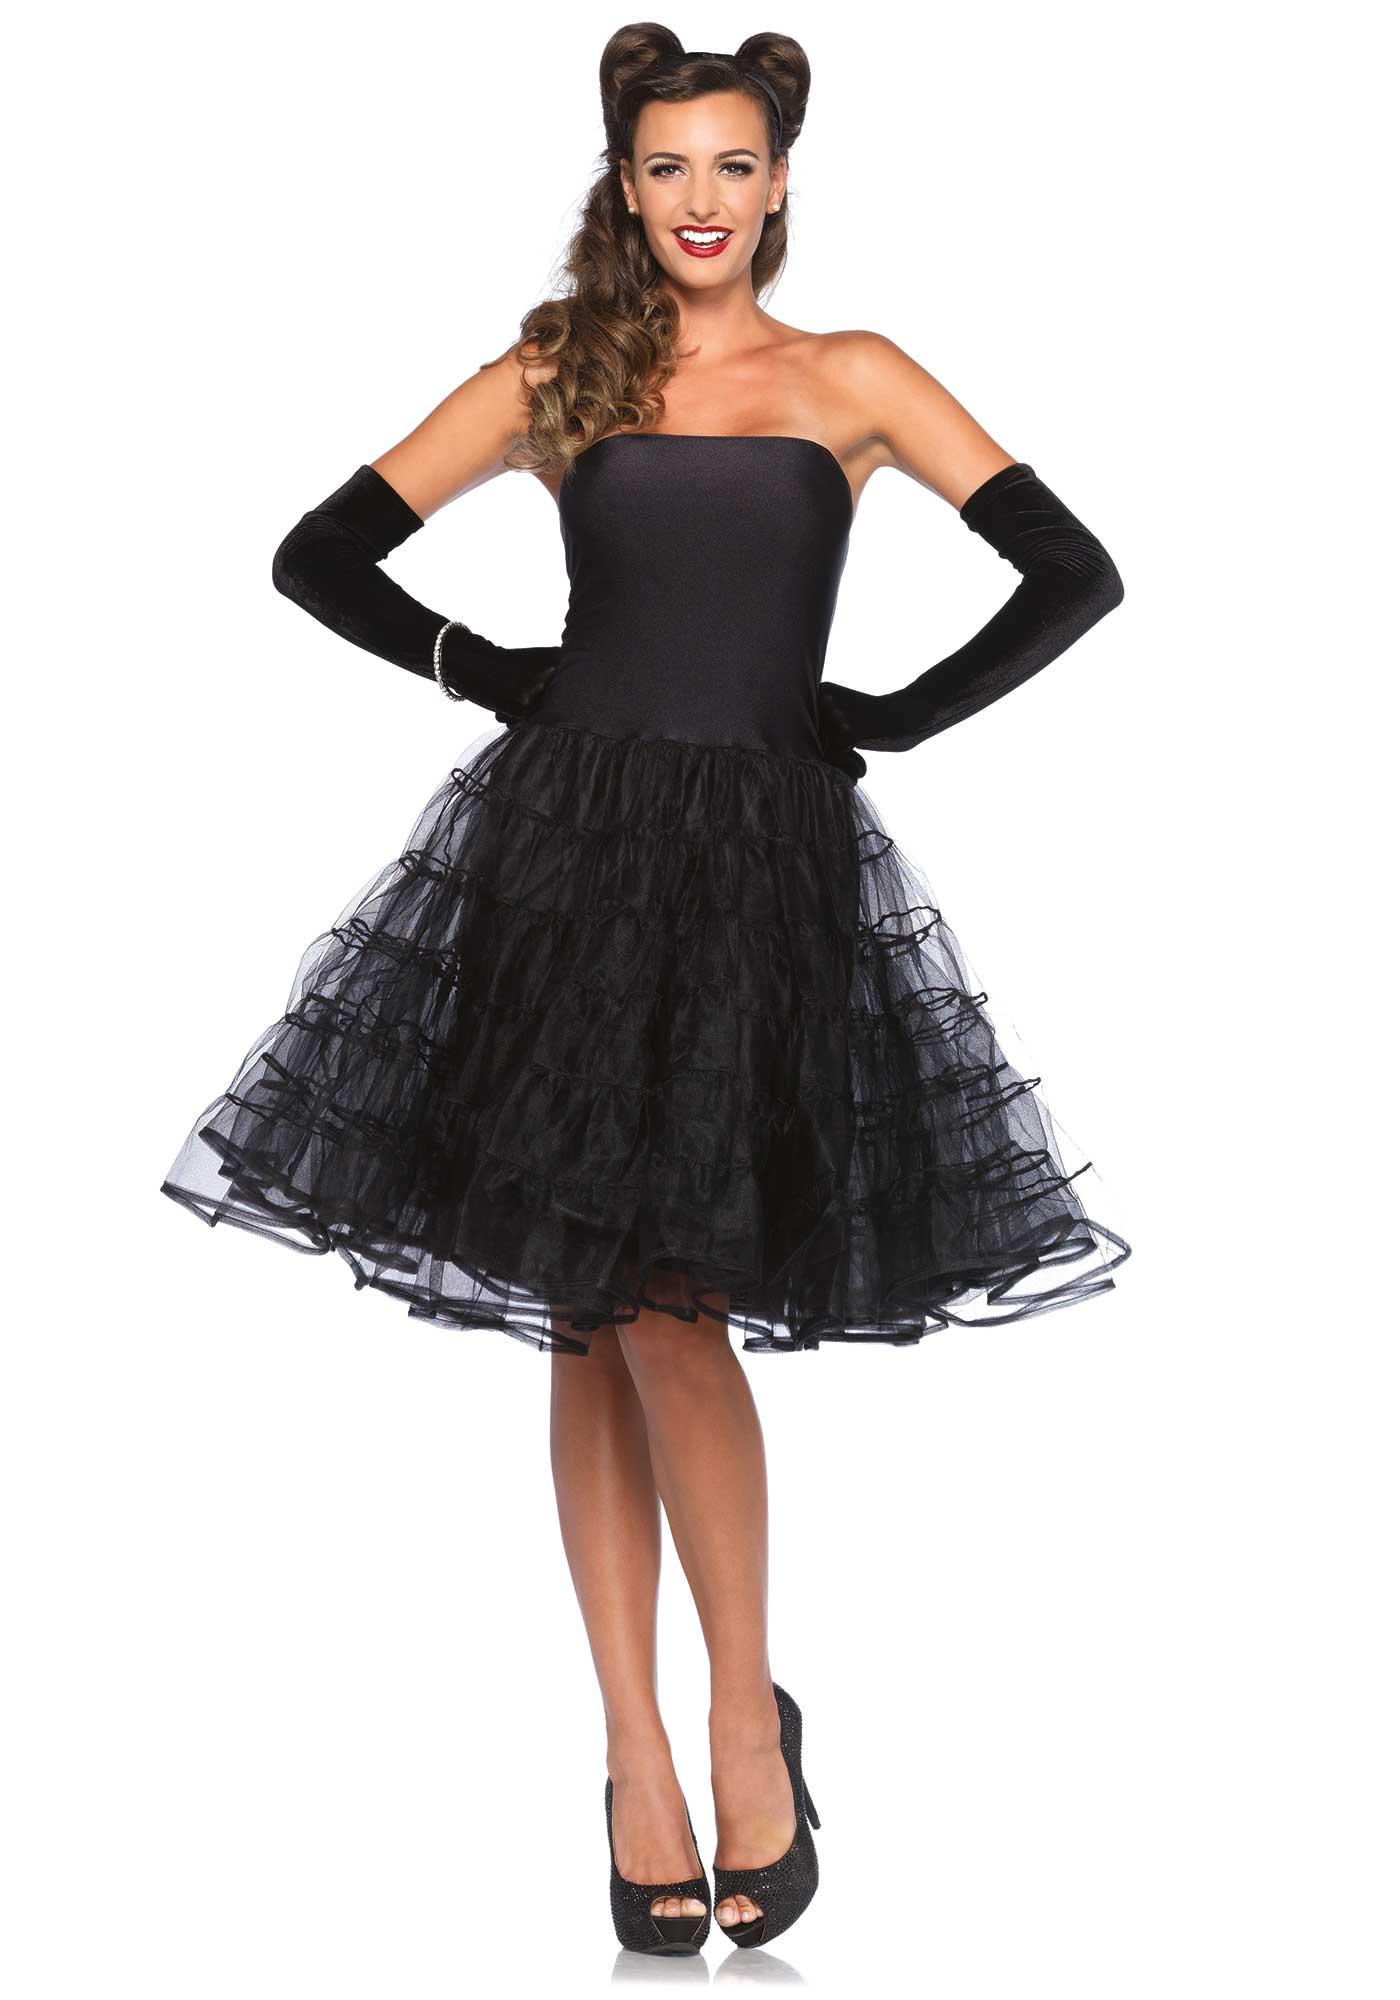 schwarzes 50er jahre kleid kost m f r damen kost me f r erwachsene und g nstige. Black Bedroom Furniture Sets. Home Design Ideas